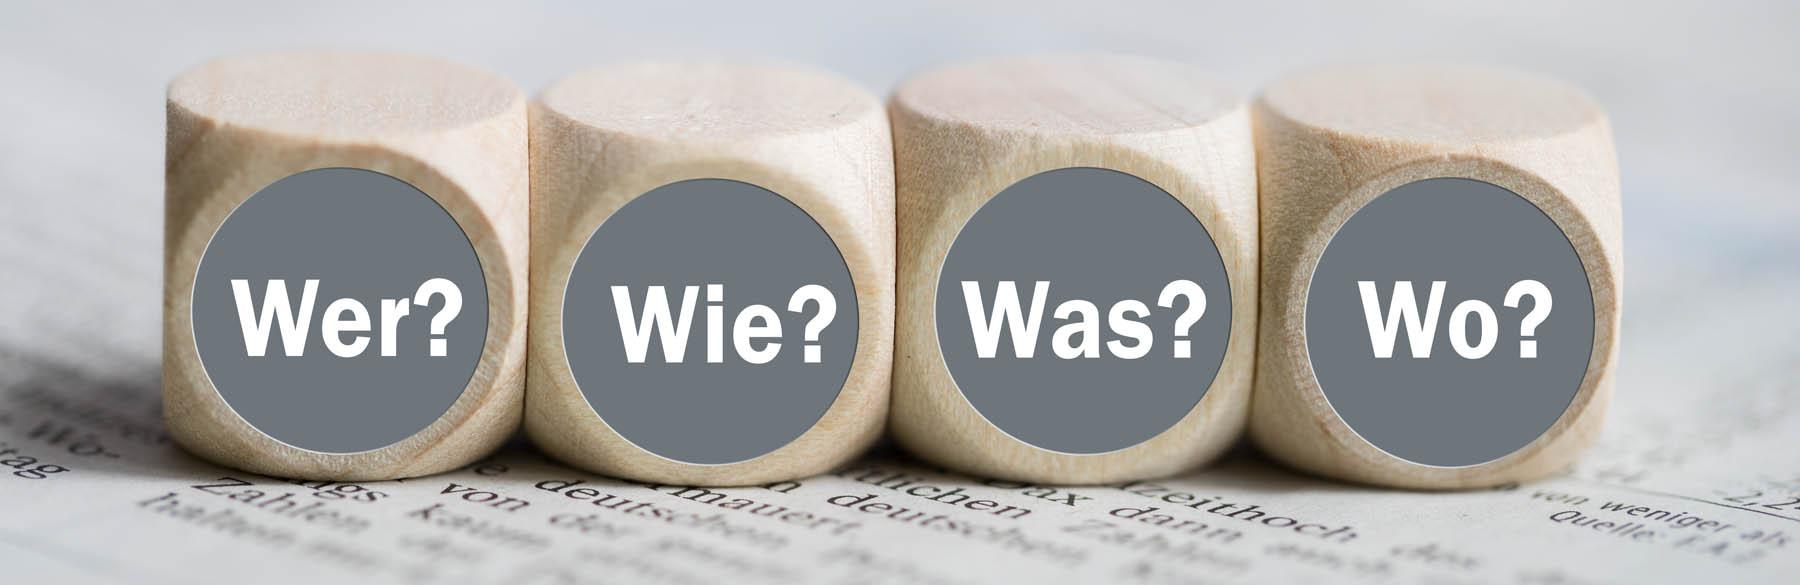 Praxis Kagu Coaching Hannover FAQ Wuerfel